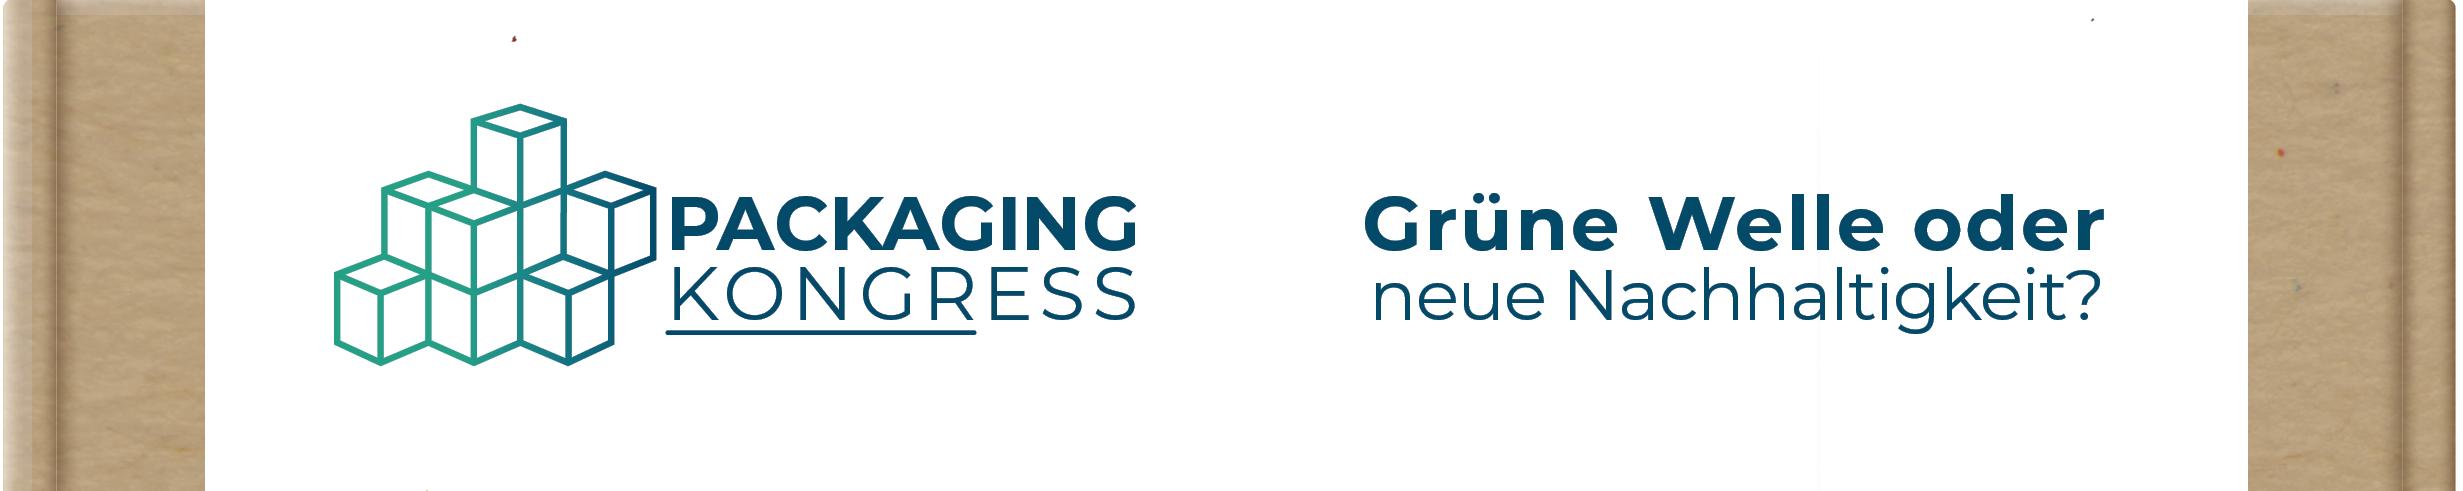 Packaging Kongress im Rahmen des Druck- und Medienkongress 2021